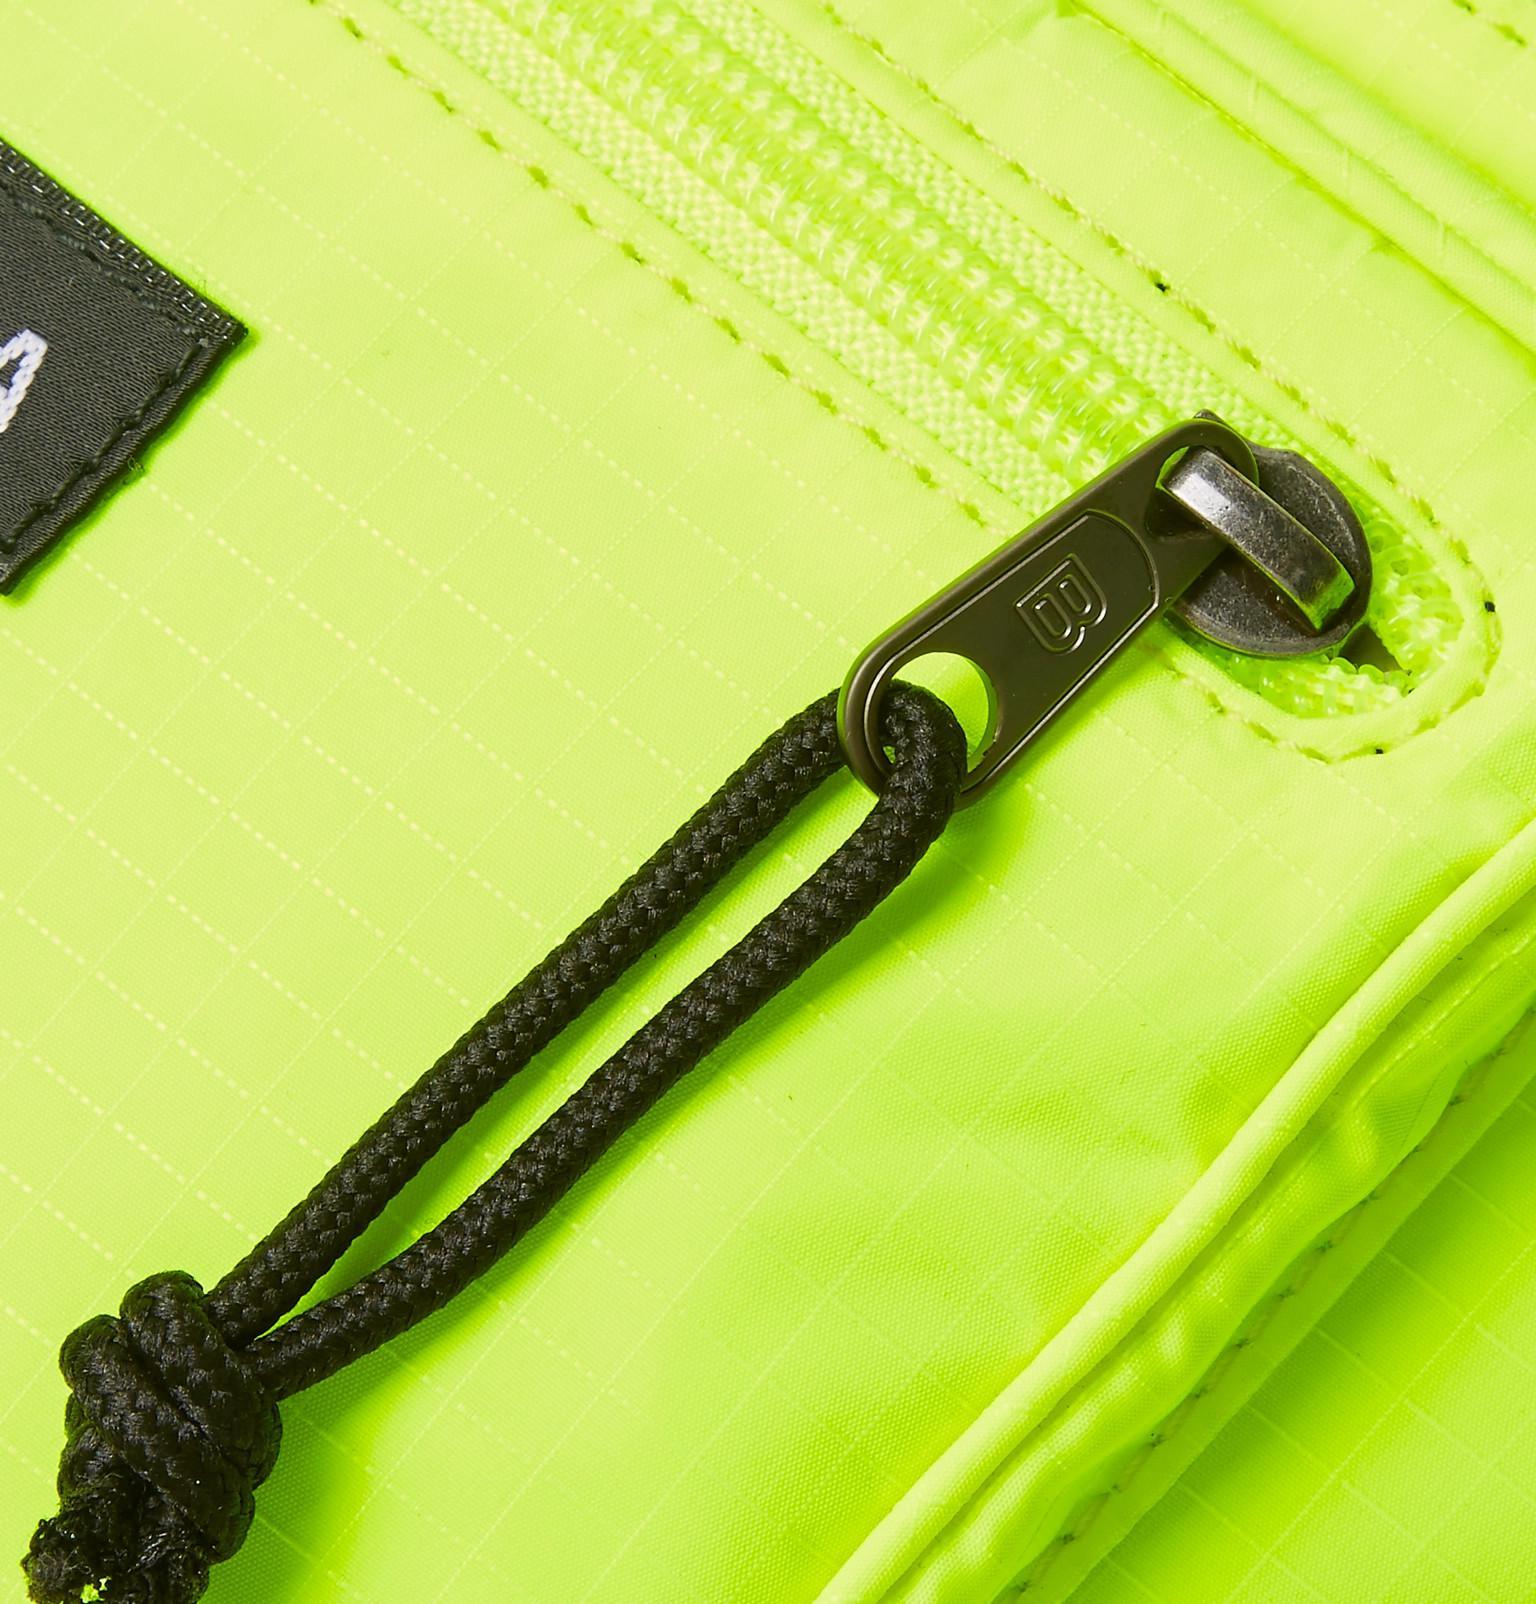 ... buy popular 08044 5e2a1 Balenciaga - Neon Yellow Explorer Cross Body Bag  for Men - Lyst ... ccba5cec7b2e1